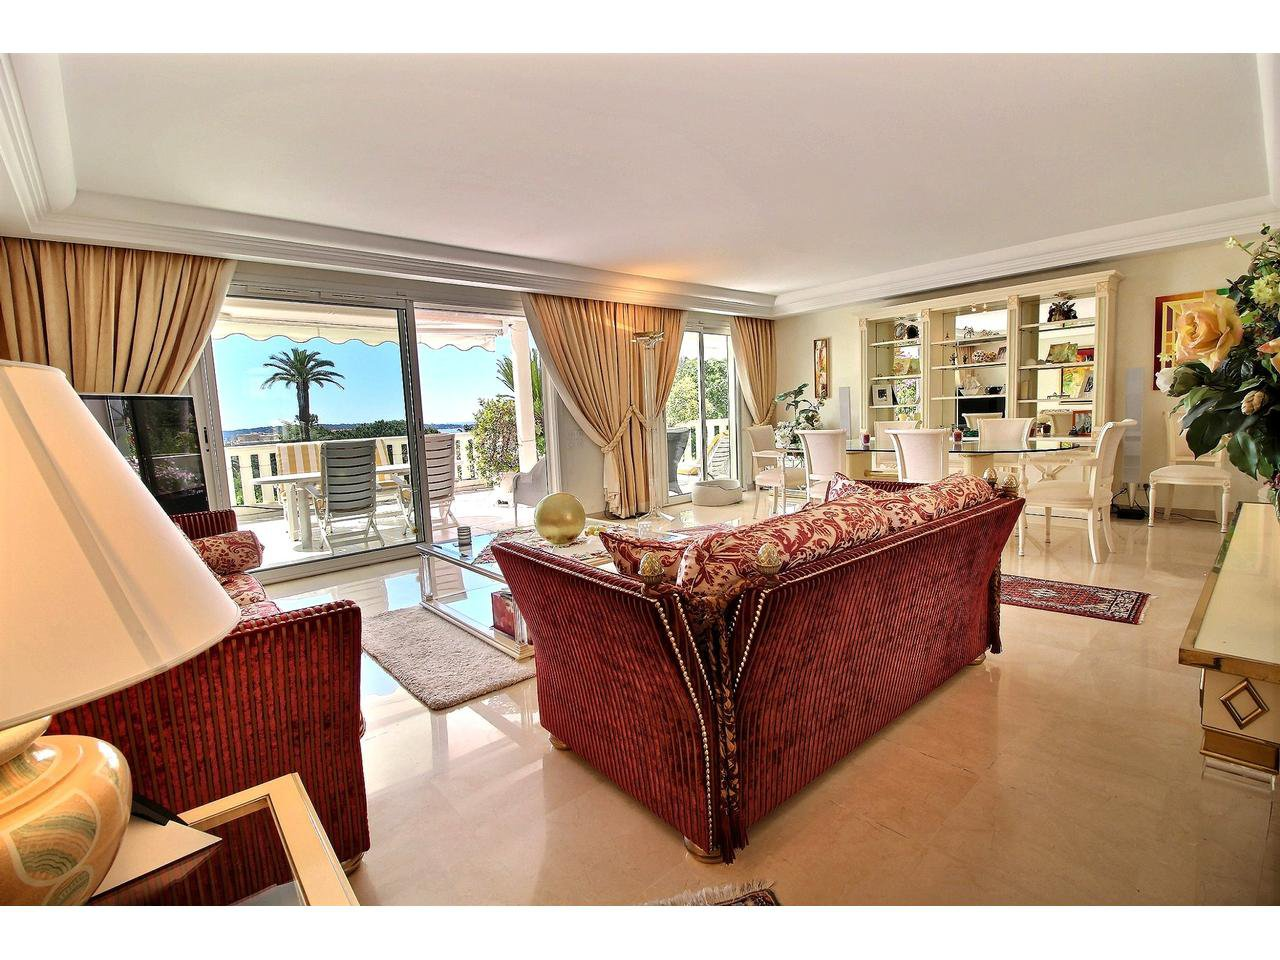 séjour Cannes Basse Californie dans résidence d'exception appartement à vendre